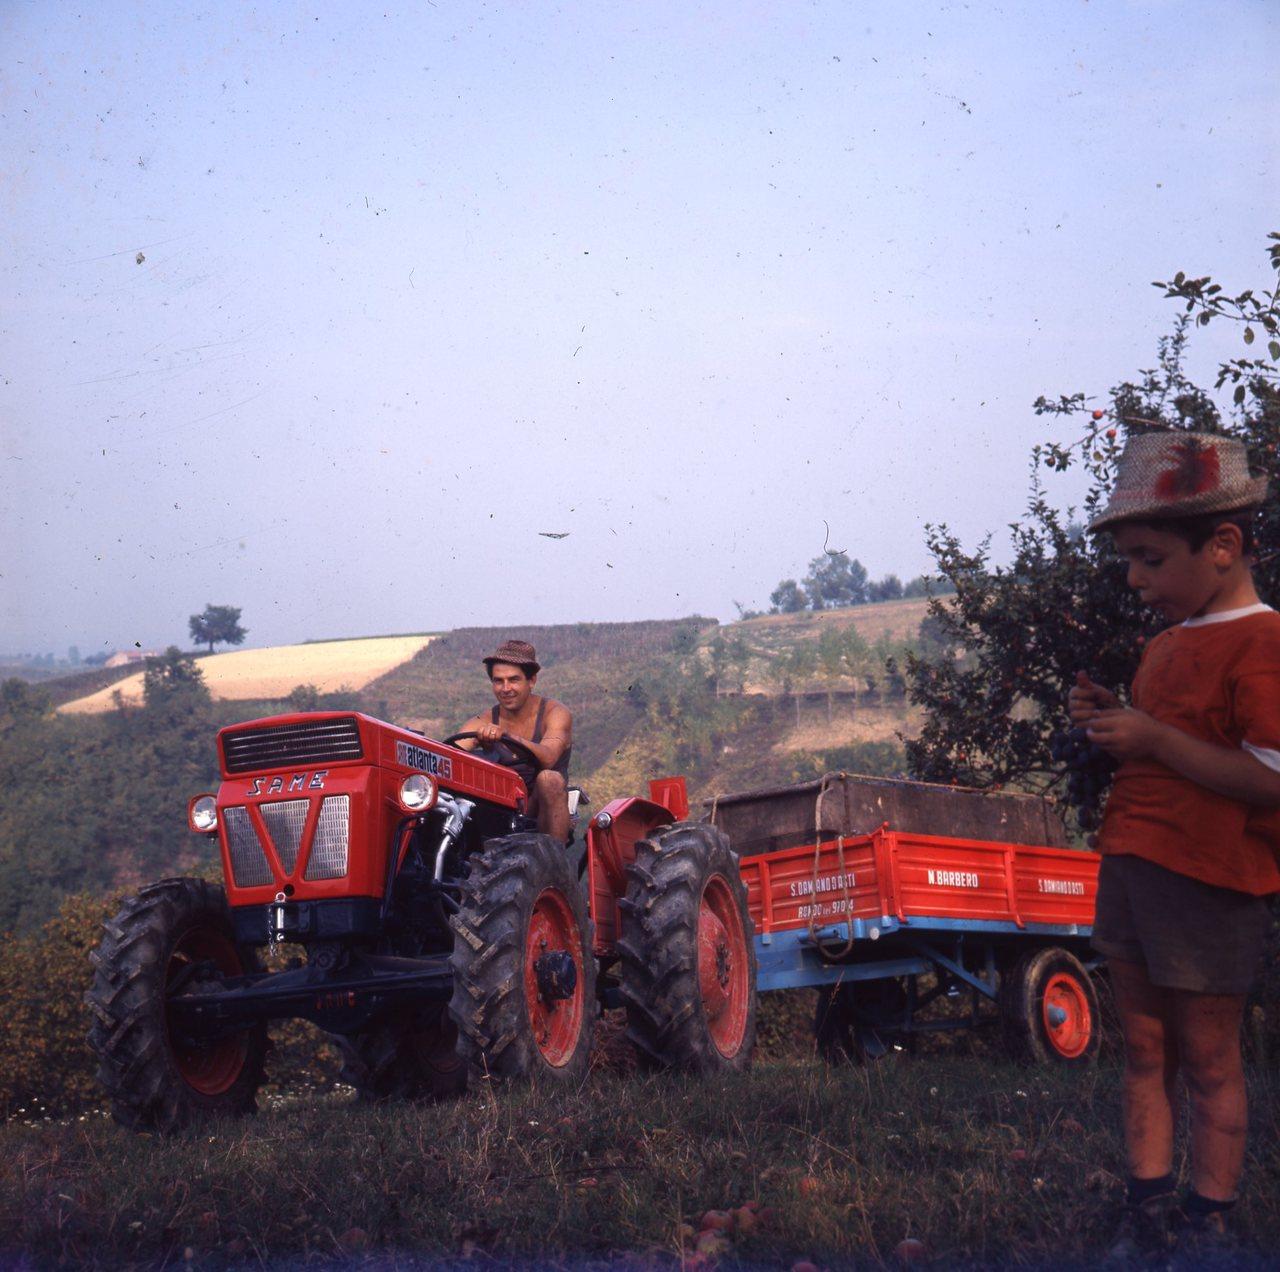 [SAME] Fotocolor Colline dell'Astigiano, Atlanta 45, 1967